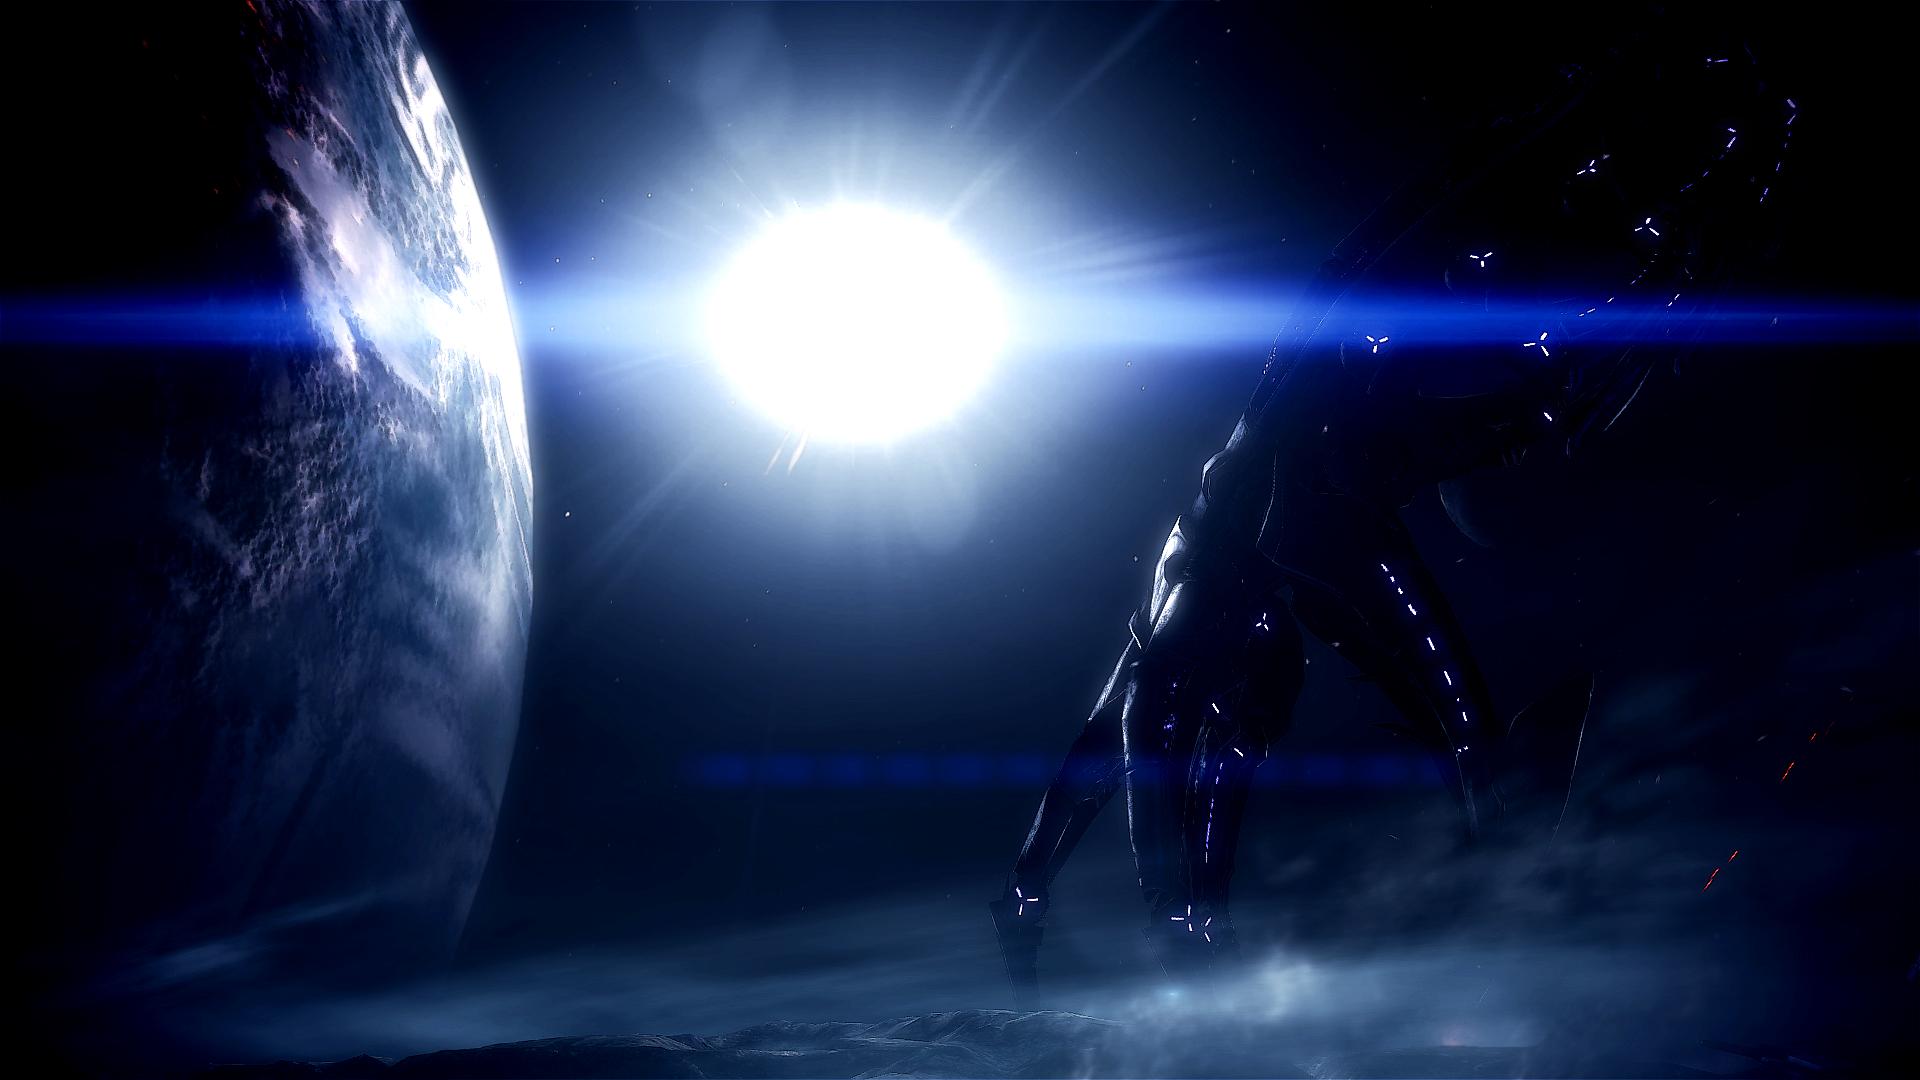 Mass Effect Andromeda Wallpaper Iphone: Mass Effect Andromeda Wallpaper